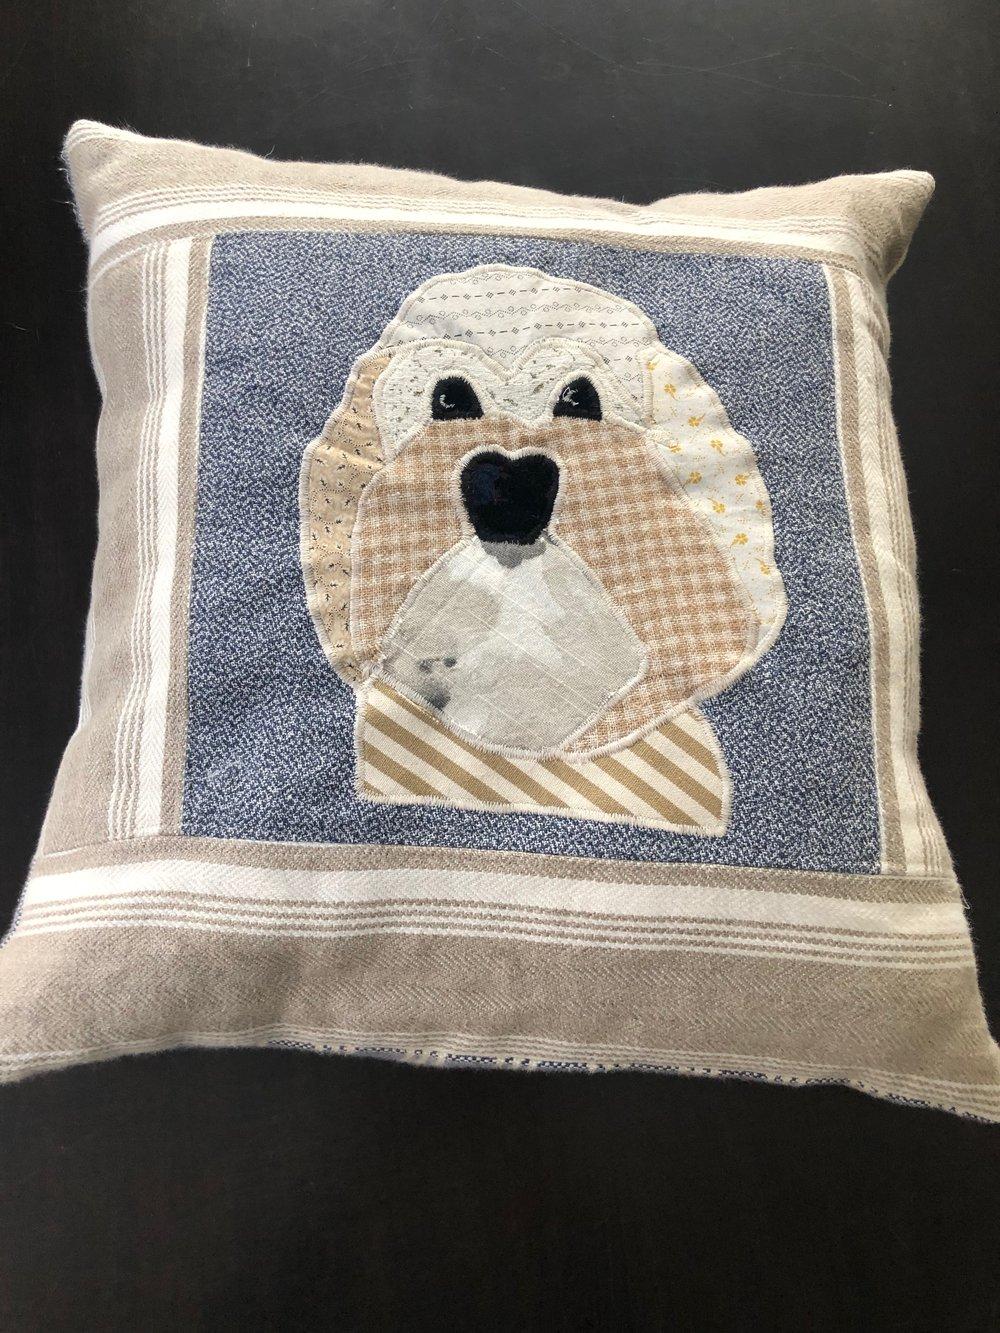 Hand crafted by Annie Kleczkowski Schilling - a.k.a Annie Bananie.